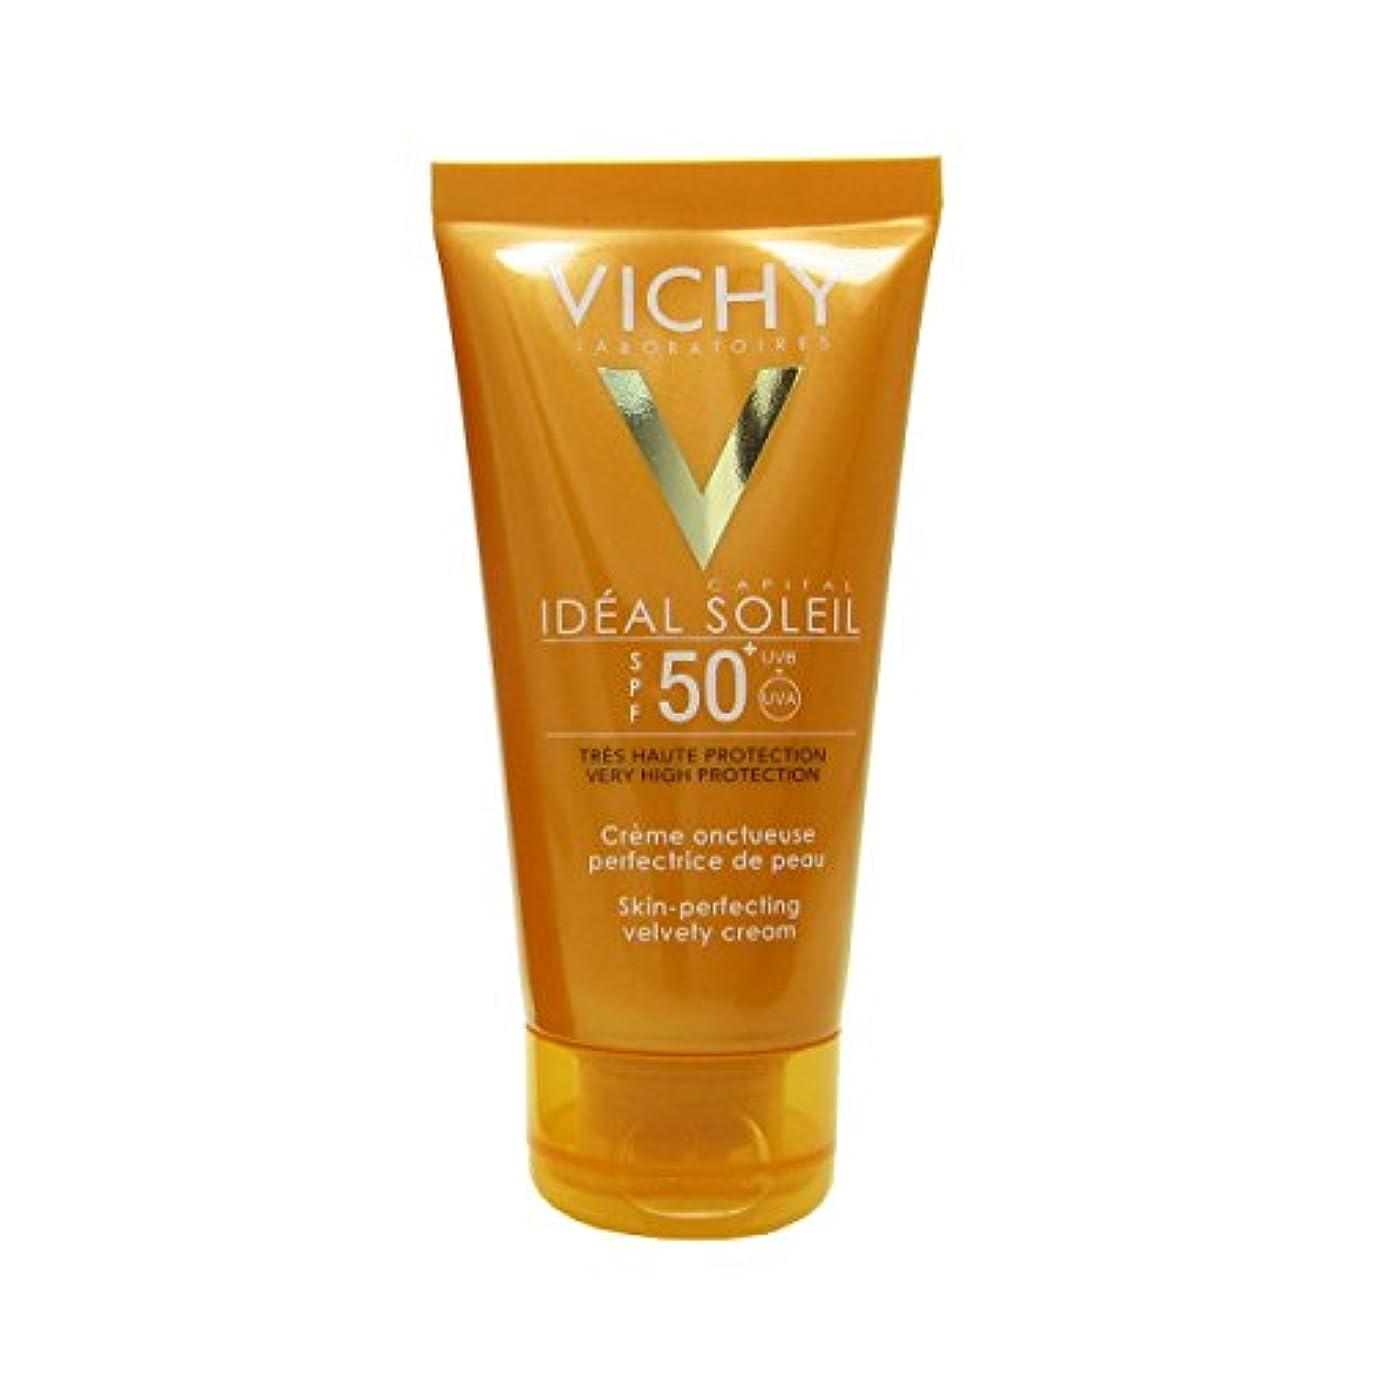 耐えられる僕の甲虫Vichy Id饌l Soleil Spf 50 Crema Unctuous 50ml [並行輸入品]